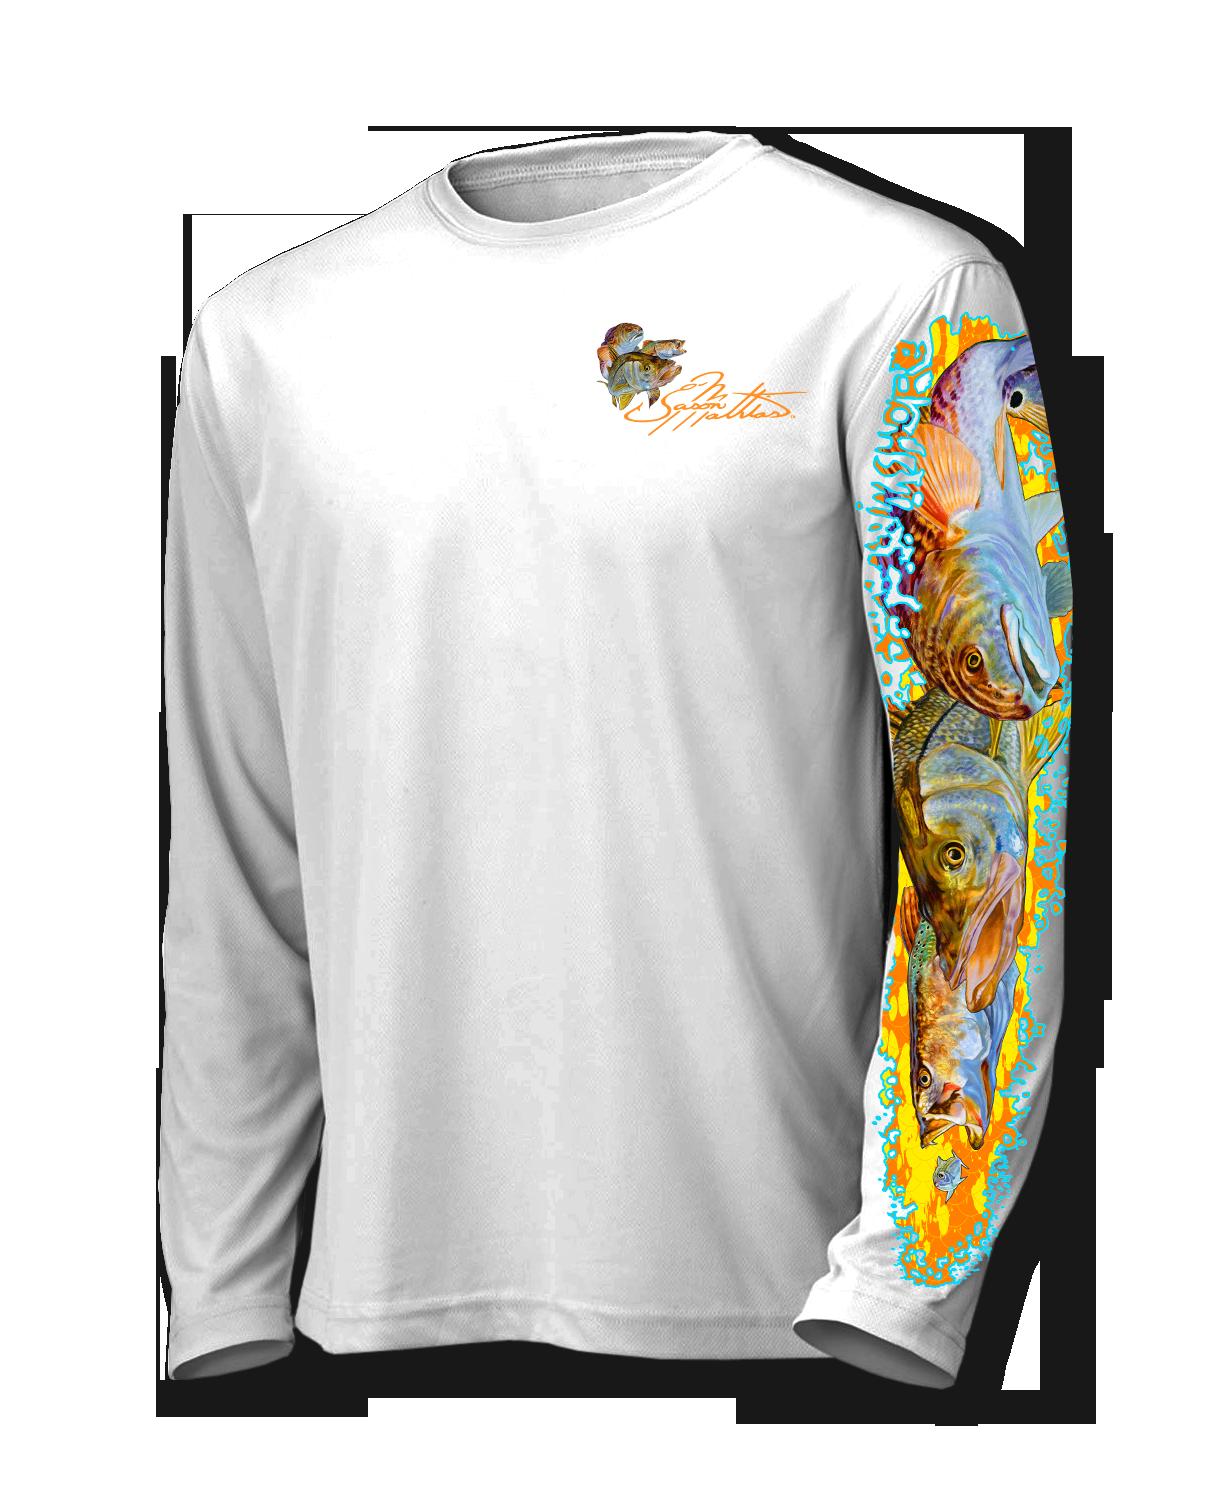 inshore-slam-snook-redfish-trout-front-shirt-jason-mathias.png